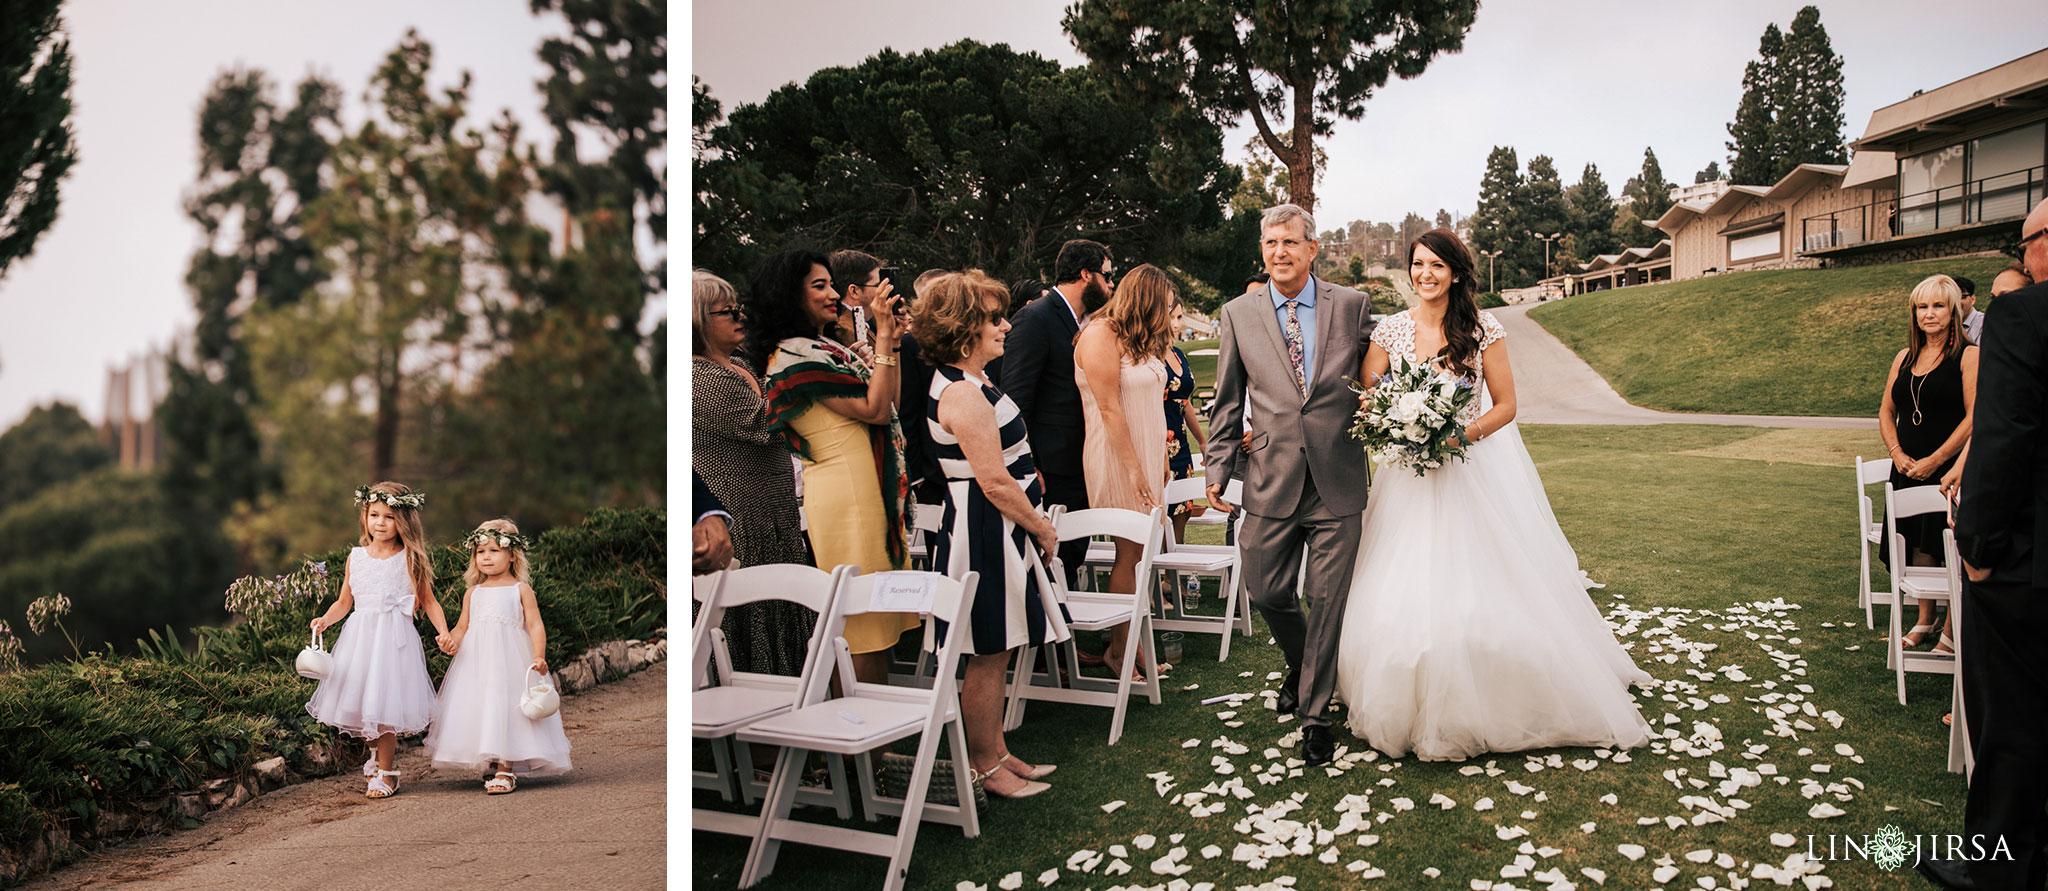 023 los verdes golf course wedding ceremony photography